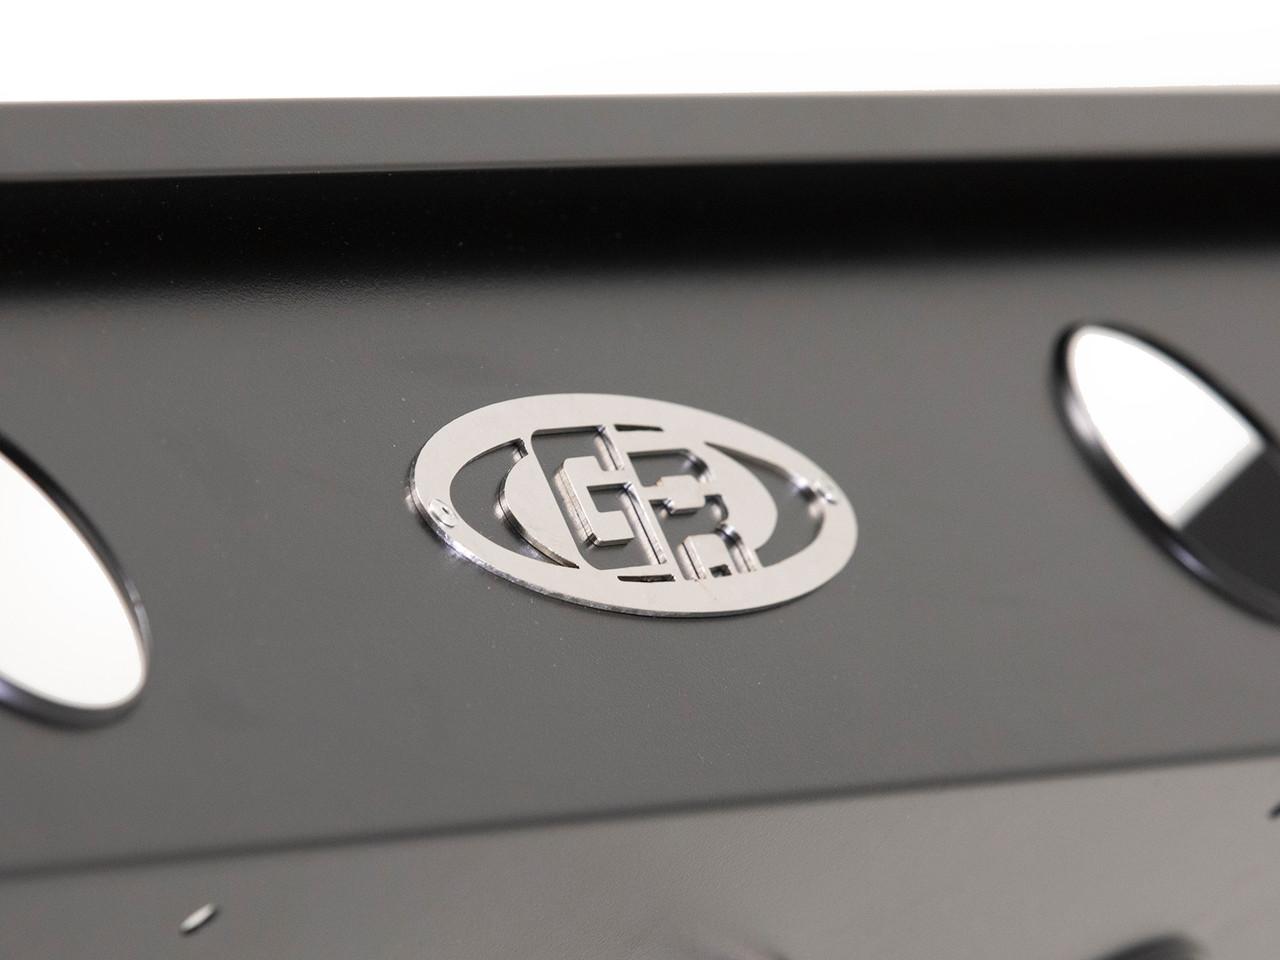 Riveted Aluminum Badge on the black powder coated finish